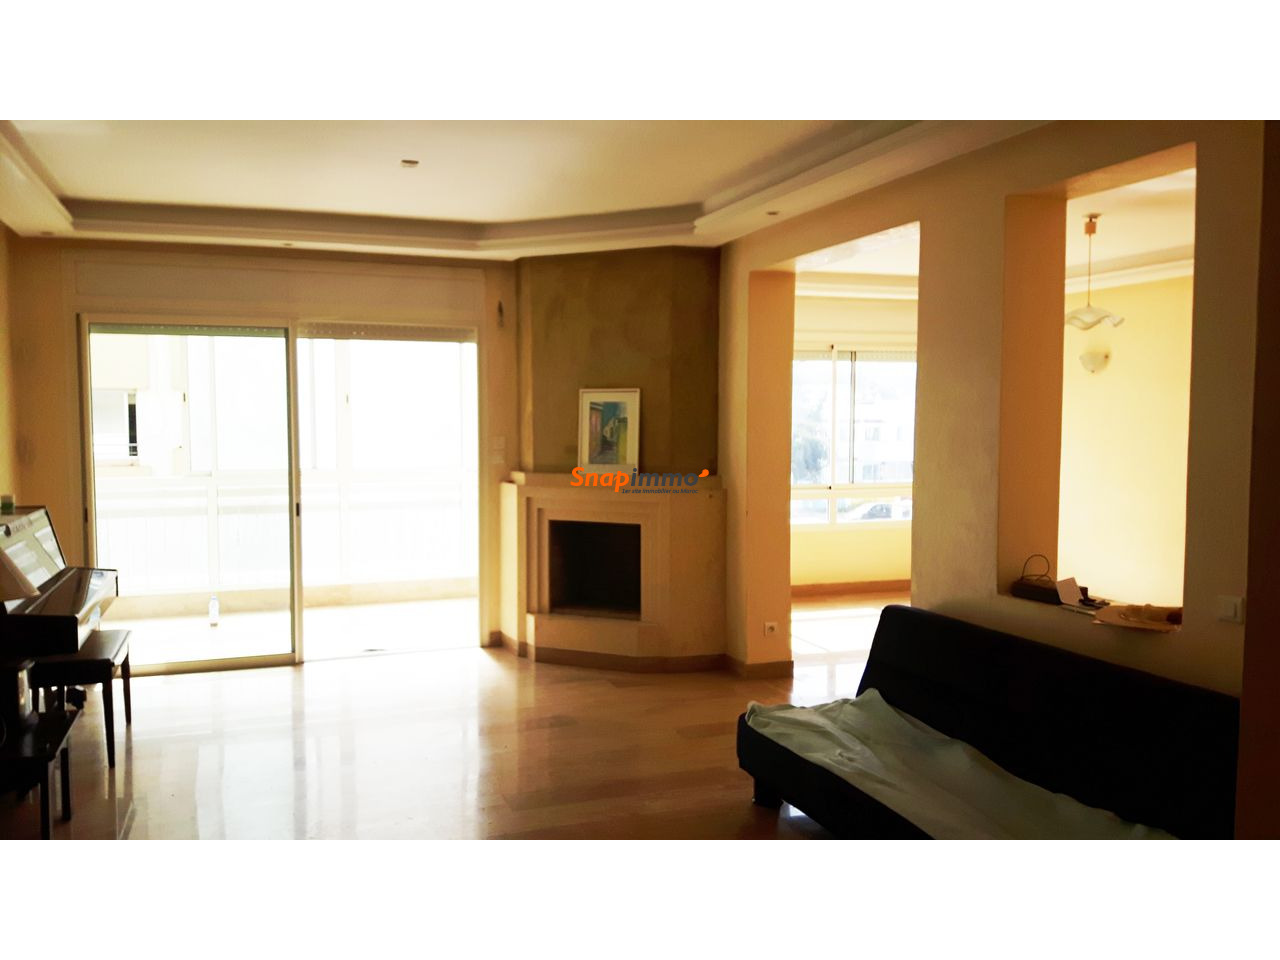 Appartement de 153 m2 à Rabat Hay Riad - 1/3